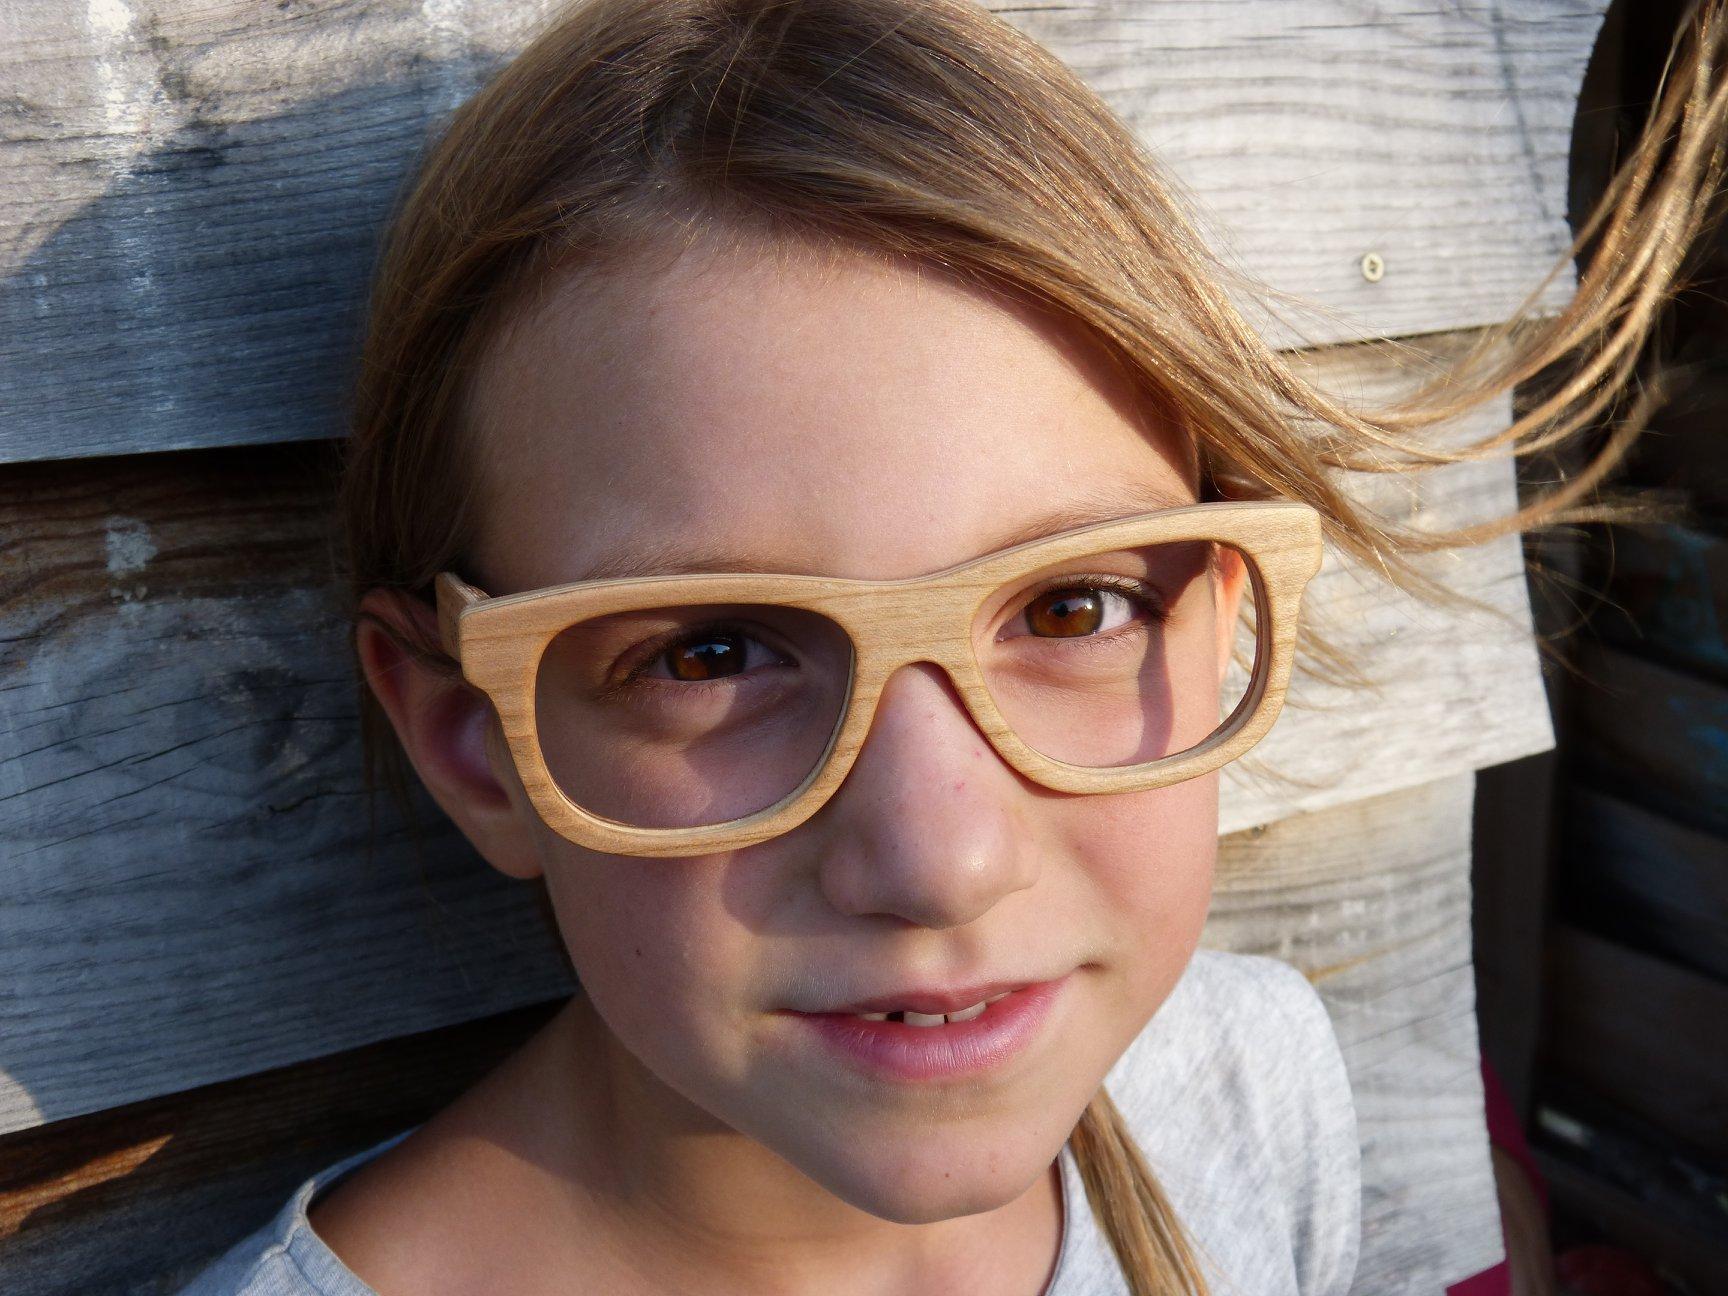 lunettes ecologiques pour enfants